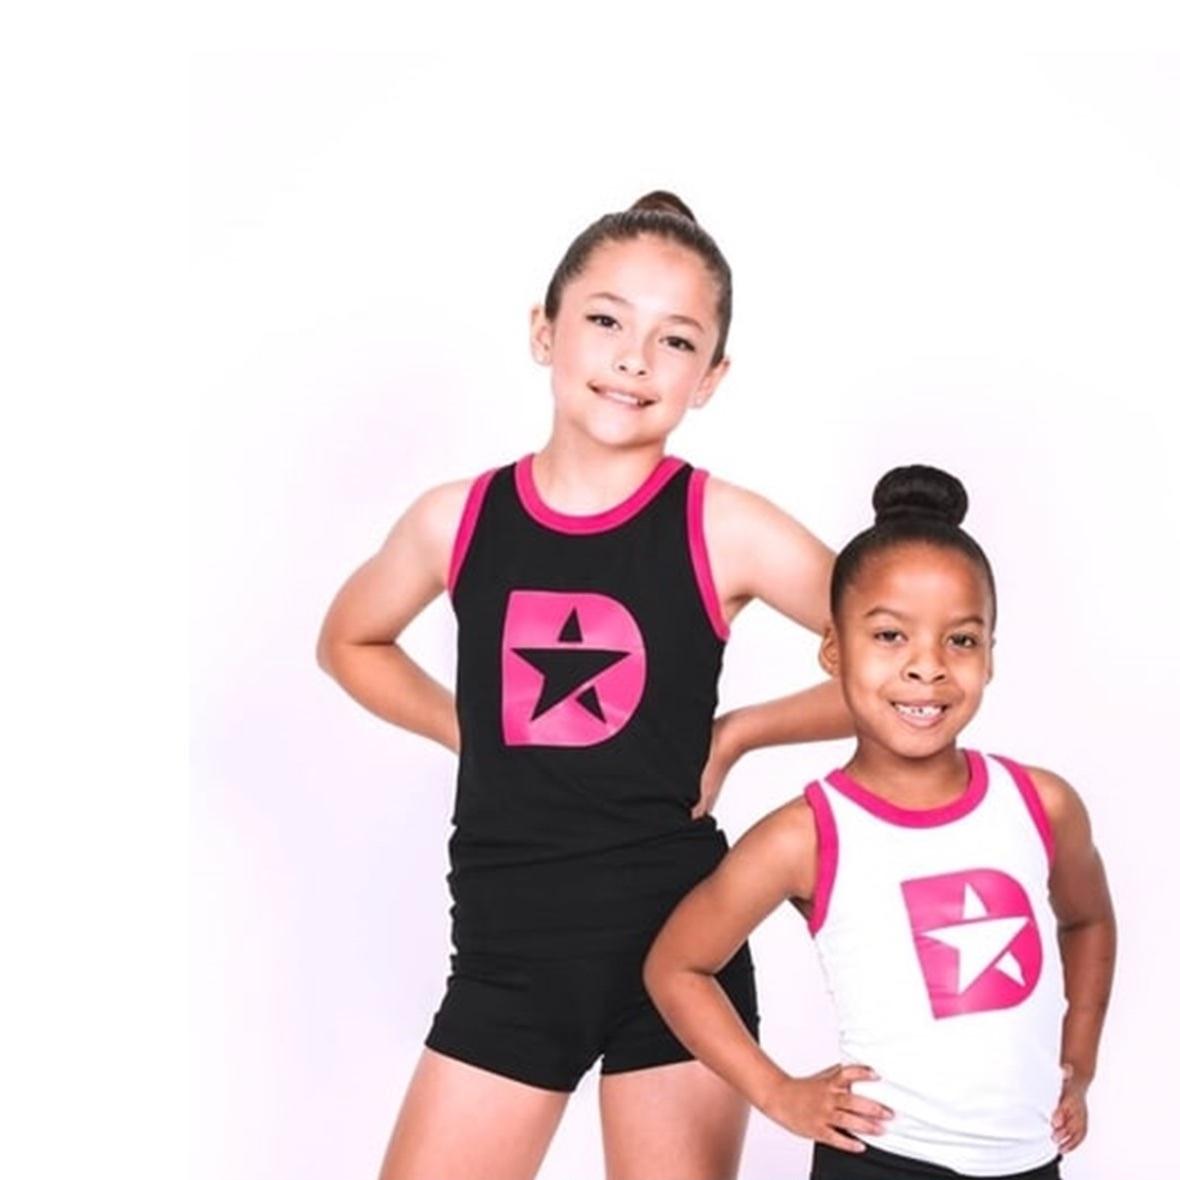 Dance Class Dress Code